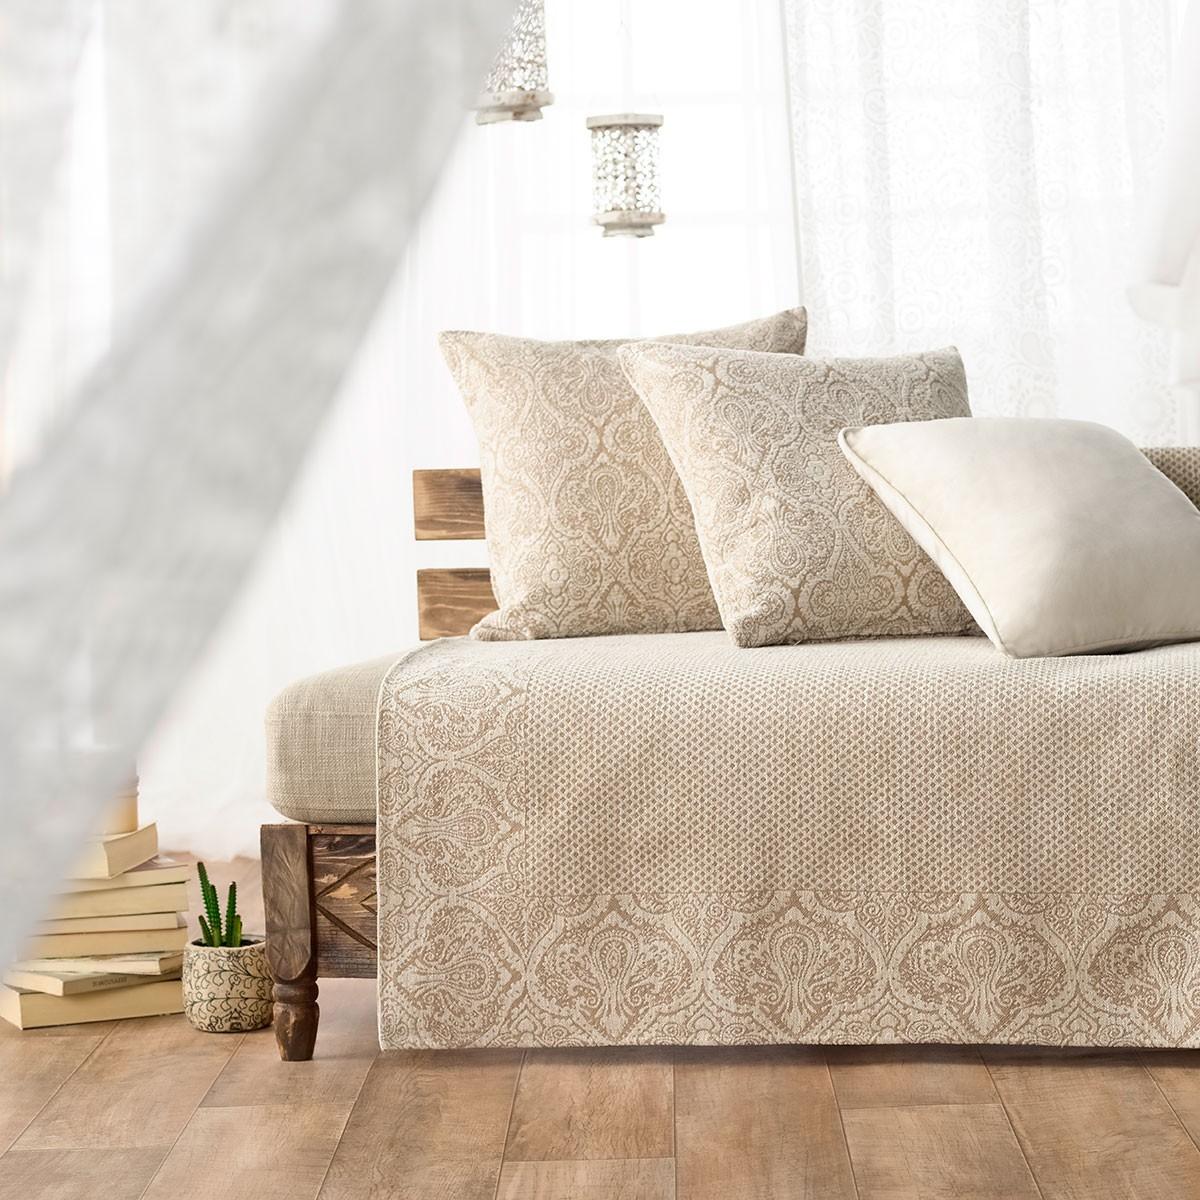 Κουρτίνα Τρουκς & Διακοσμητικό Μαξιλάρι Das Home 9217 (140x280)